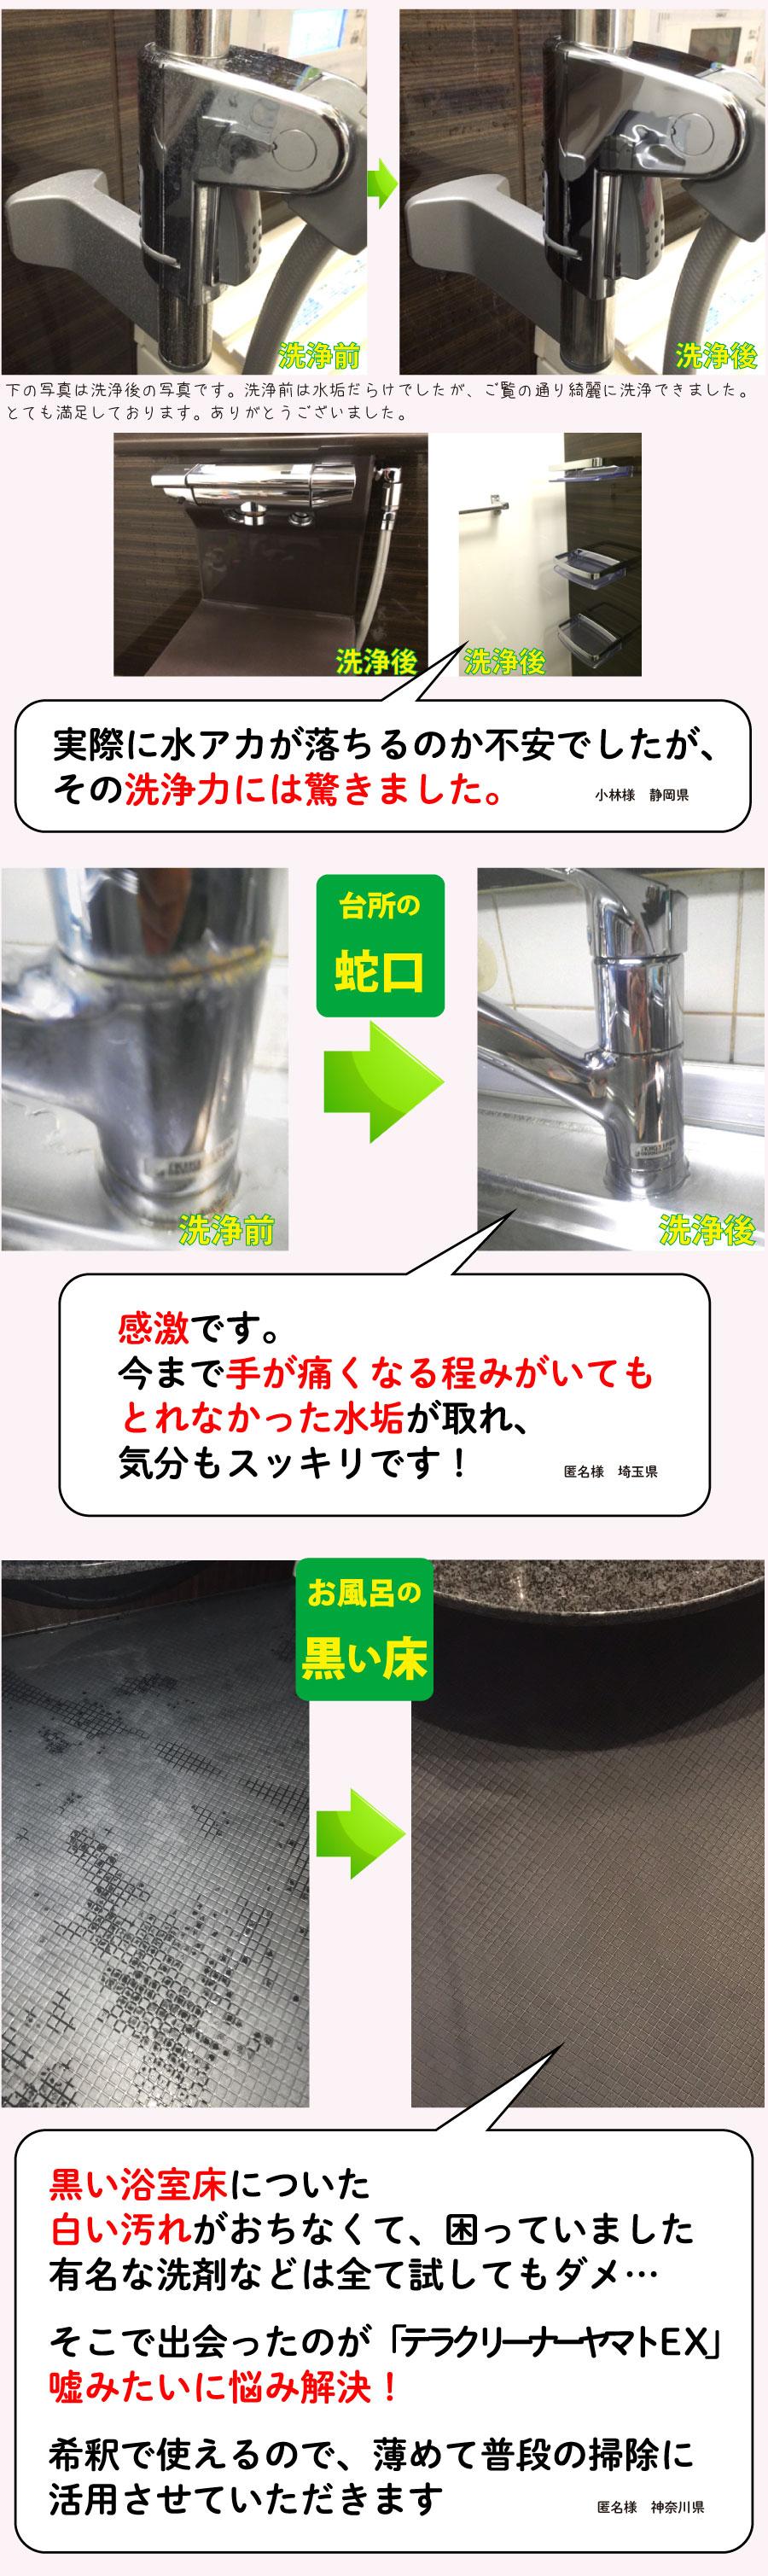 テラクリーナーヤマトを使われた方々のお声 水垢落とし効果のレビュー3